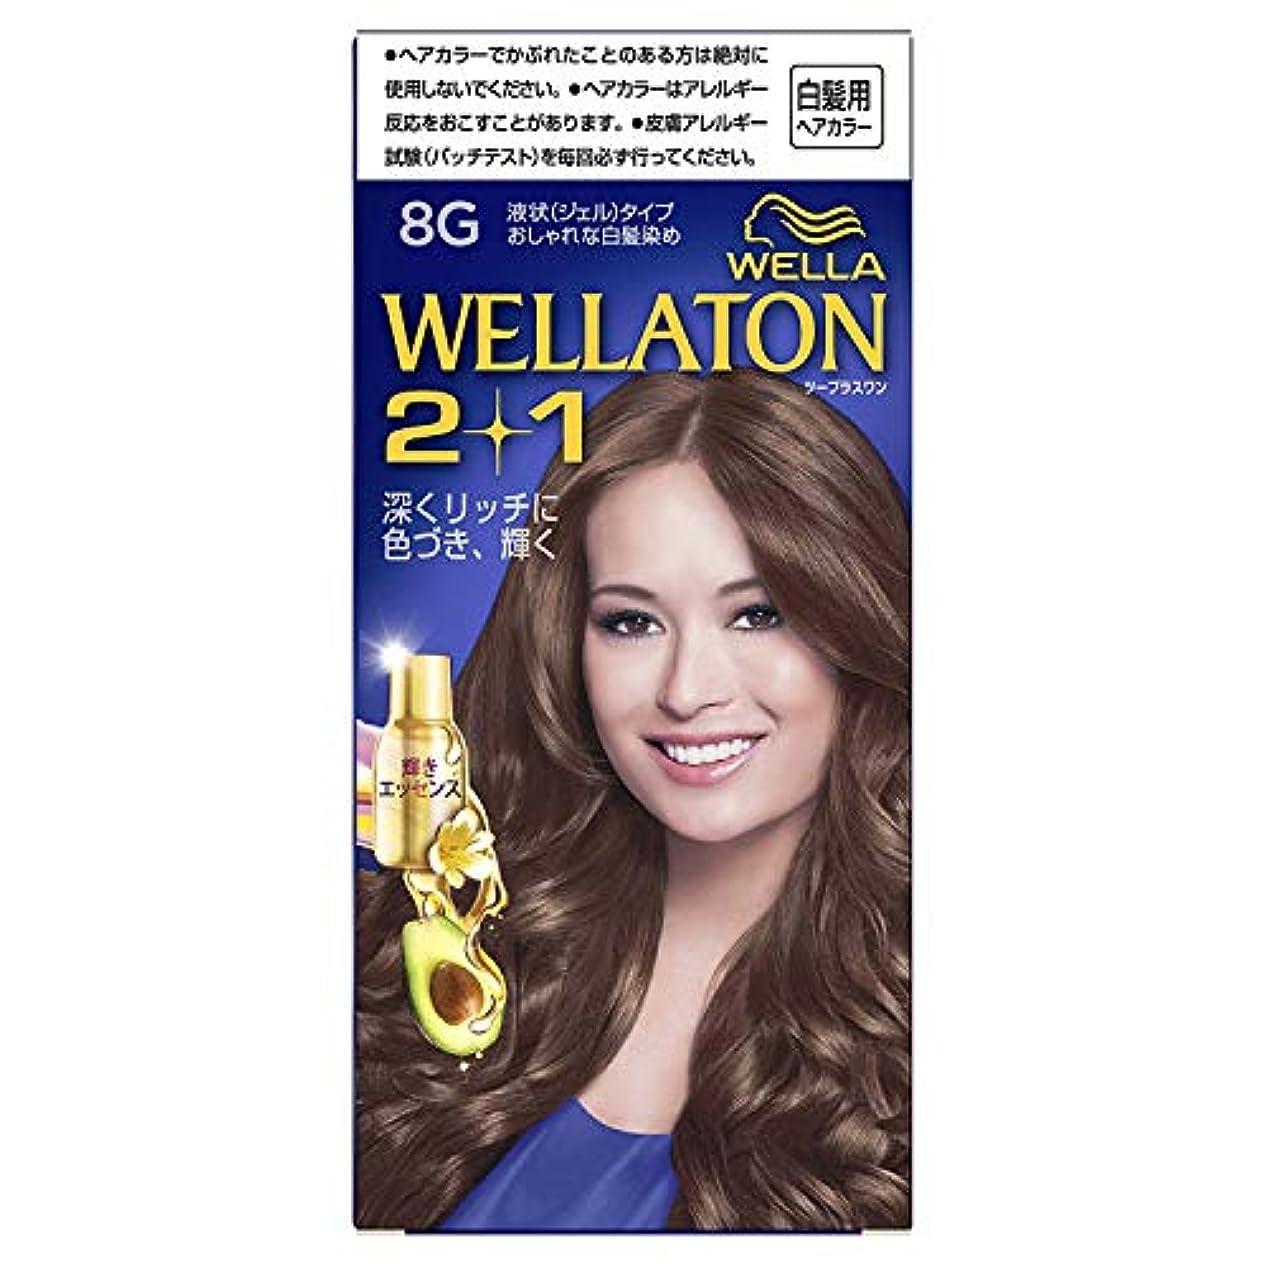 確保する論文通知ウエラトーン2+1 白髪染め 液状タイプ 8G [医薬部外品] ×6個